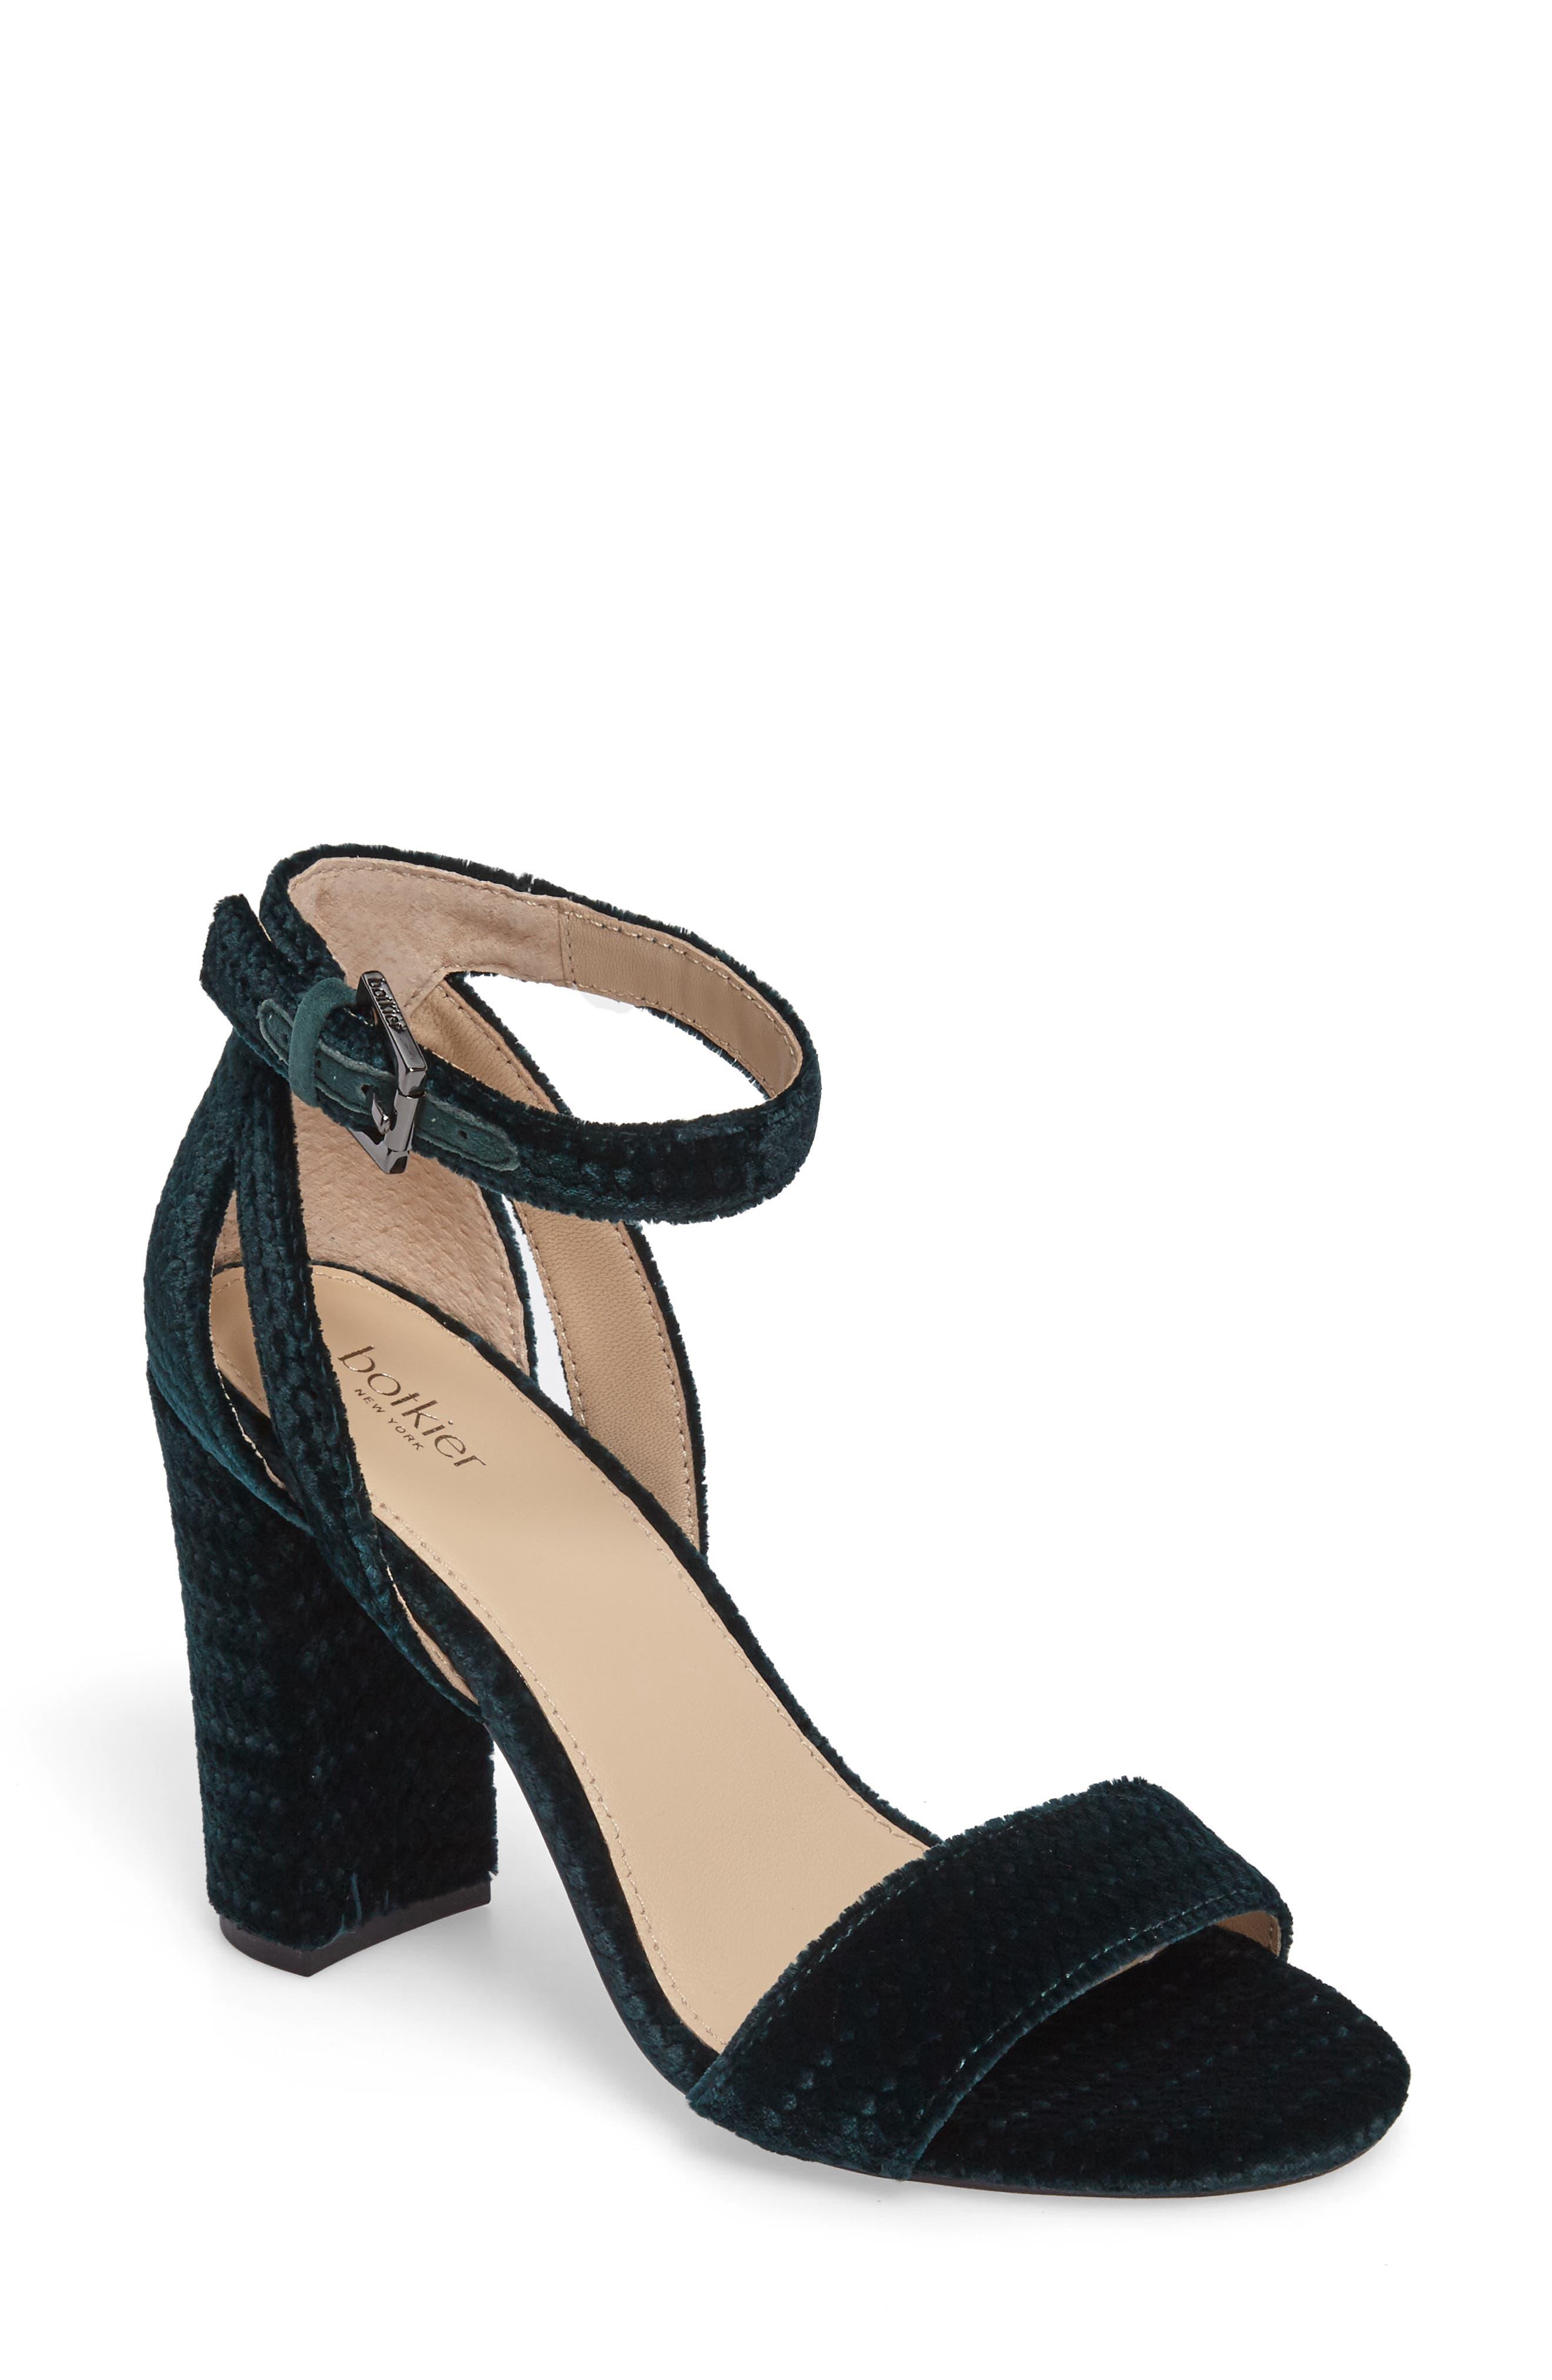 Gianna Ankle Strap Sandal,                         Main,                         color, Emerald Velvet